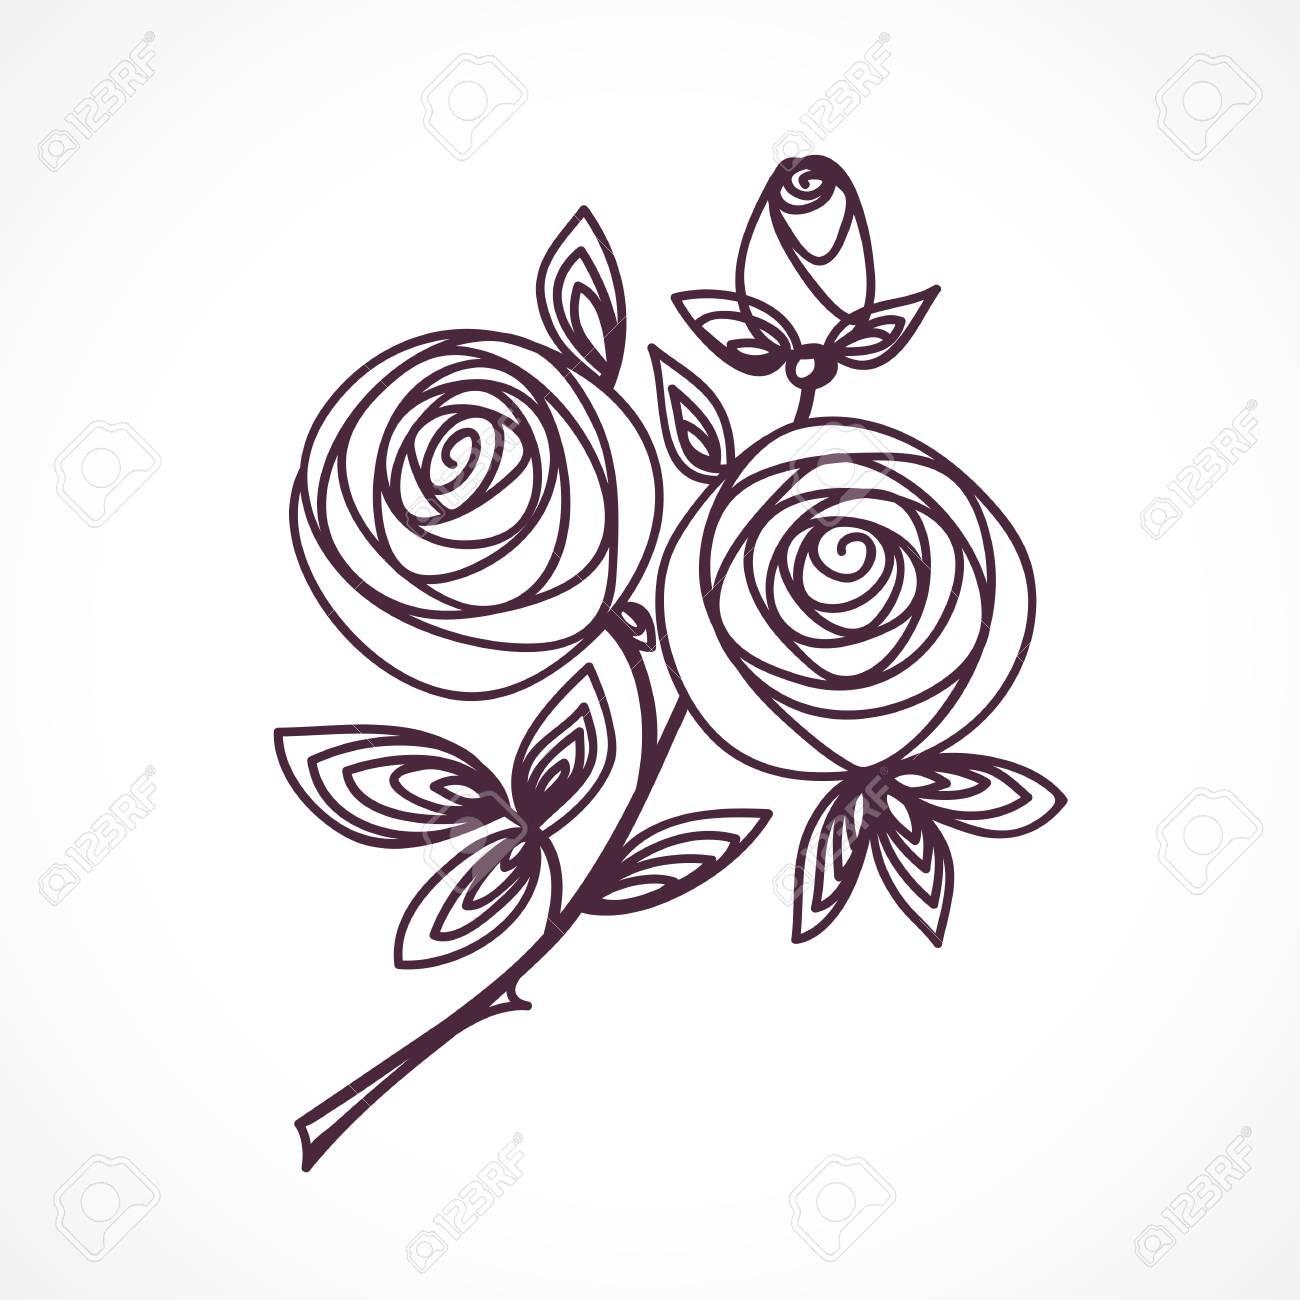 Conosciuto Rose. Disegno Della Mano Del Mazzo Di Fiori Stilizzati. Icona  EW24